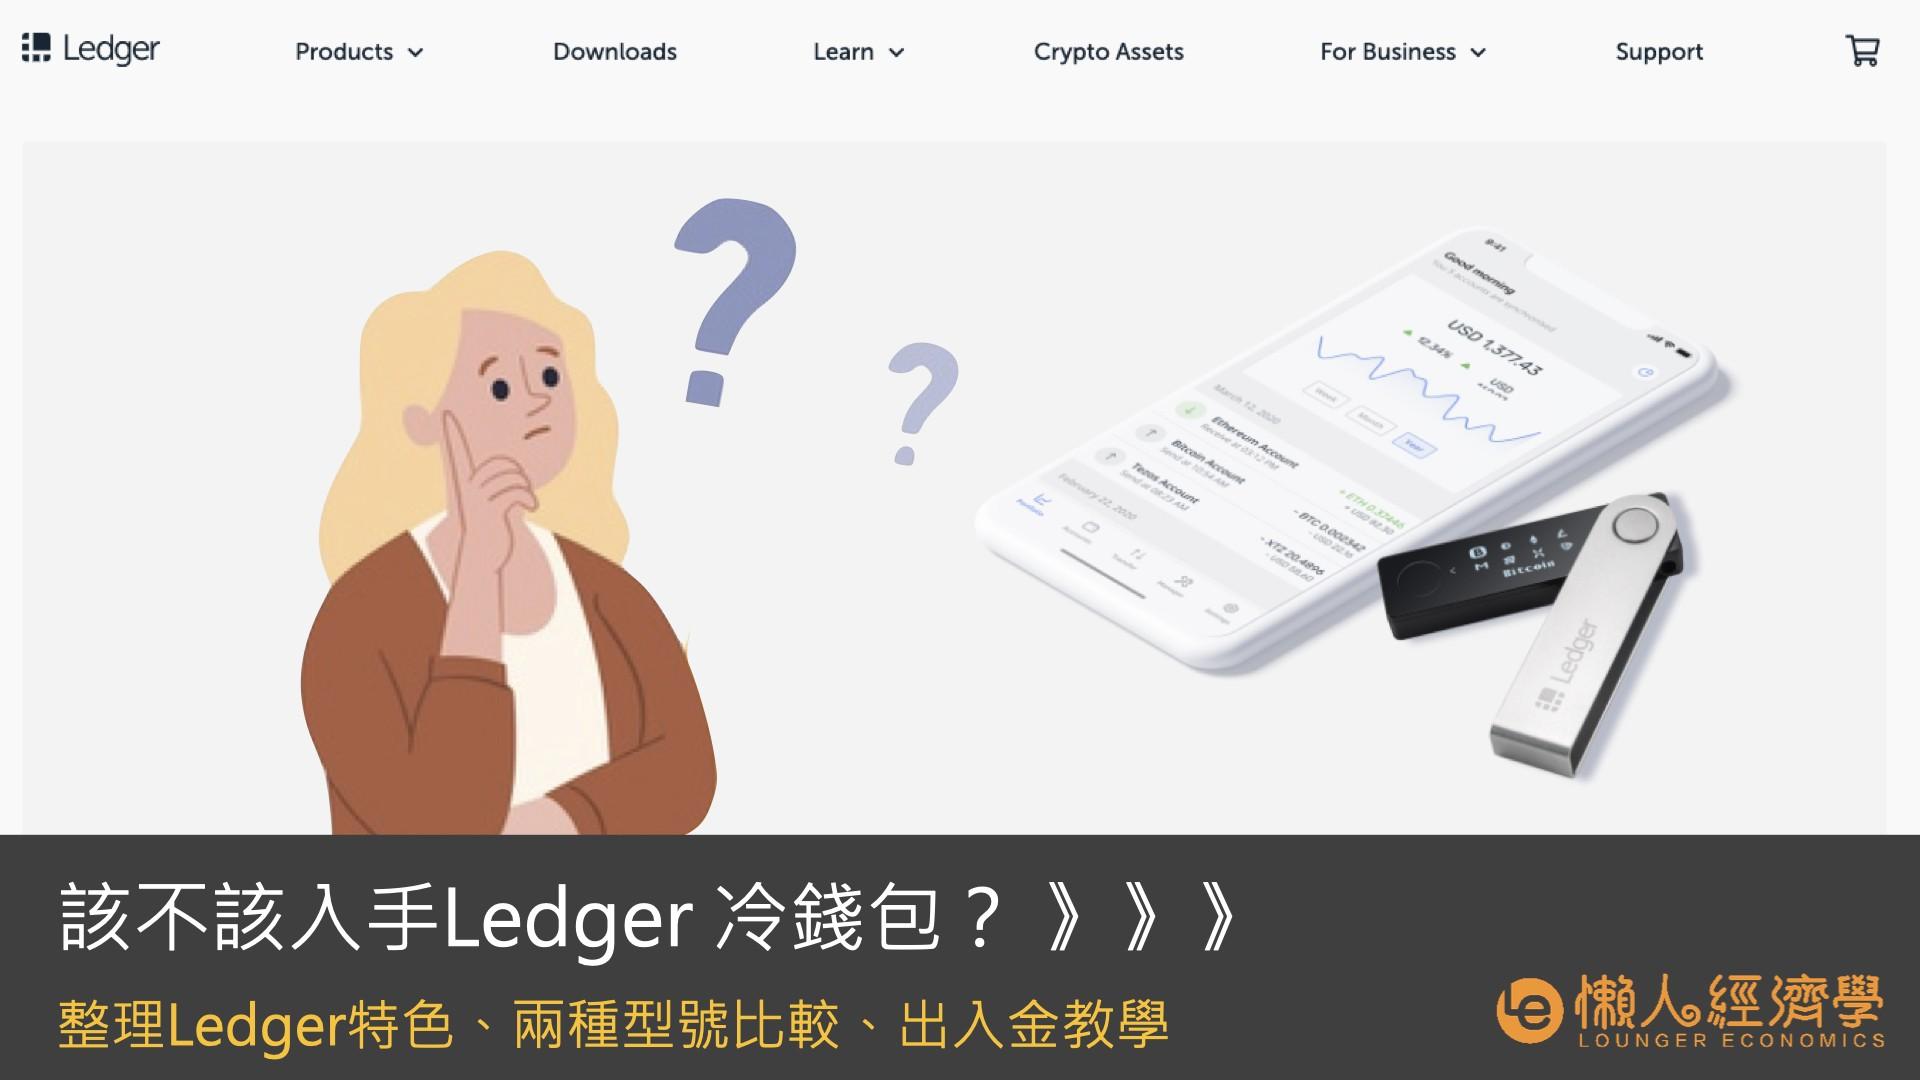 該不該入手Ledger 冷錢包?整理Ledger特色、兩種型號比較、出入金教學